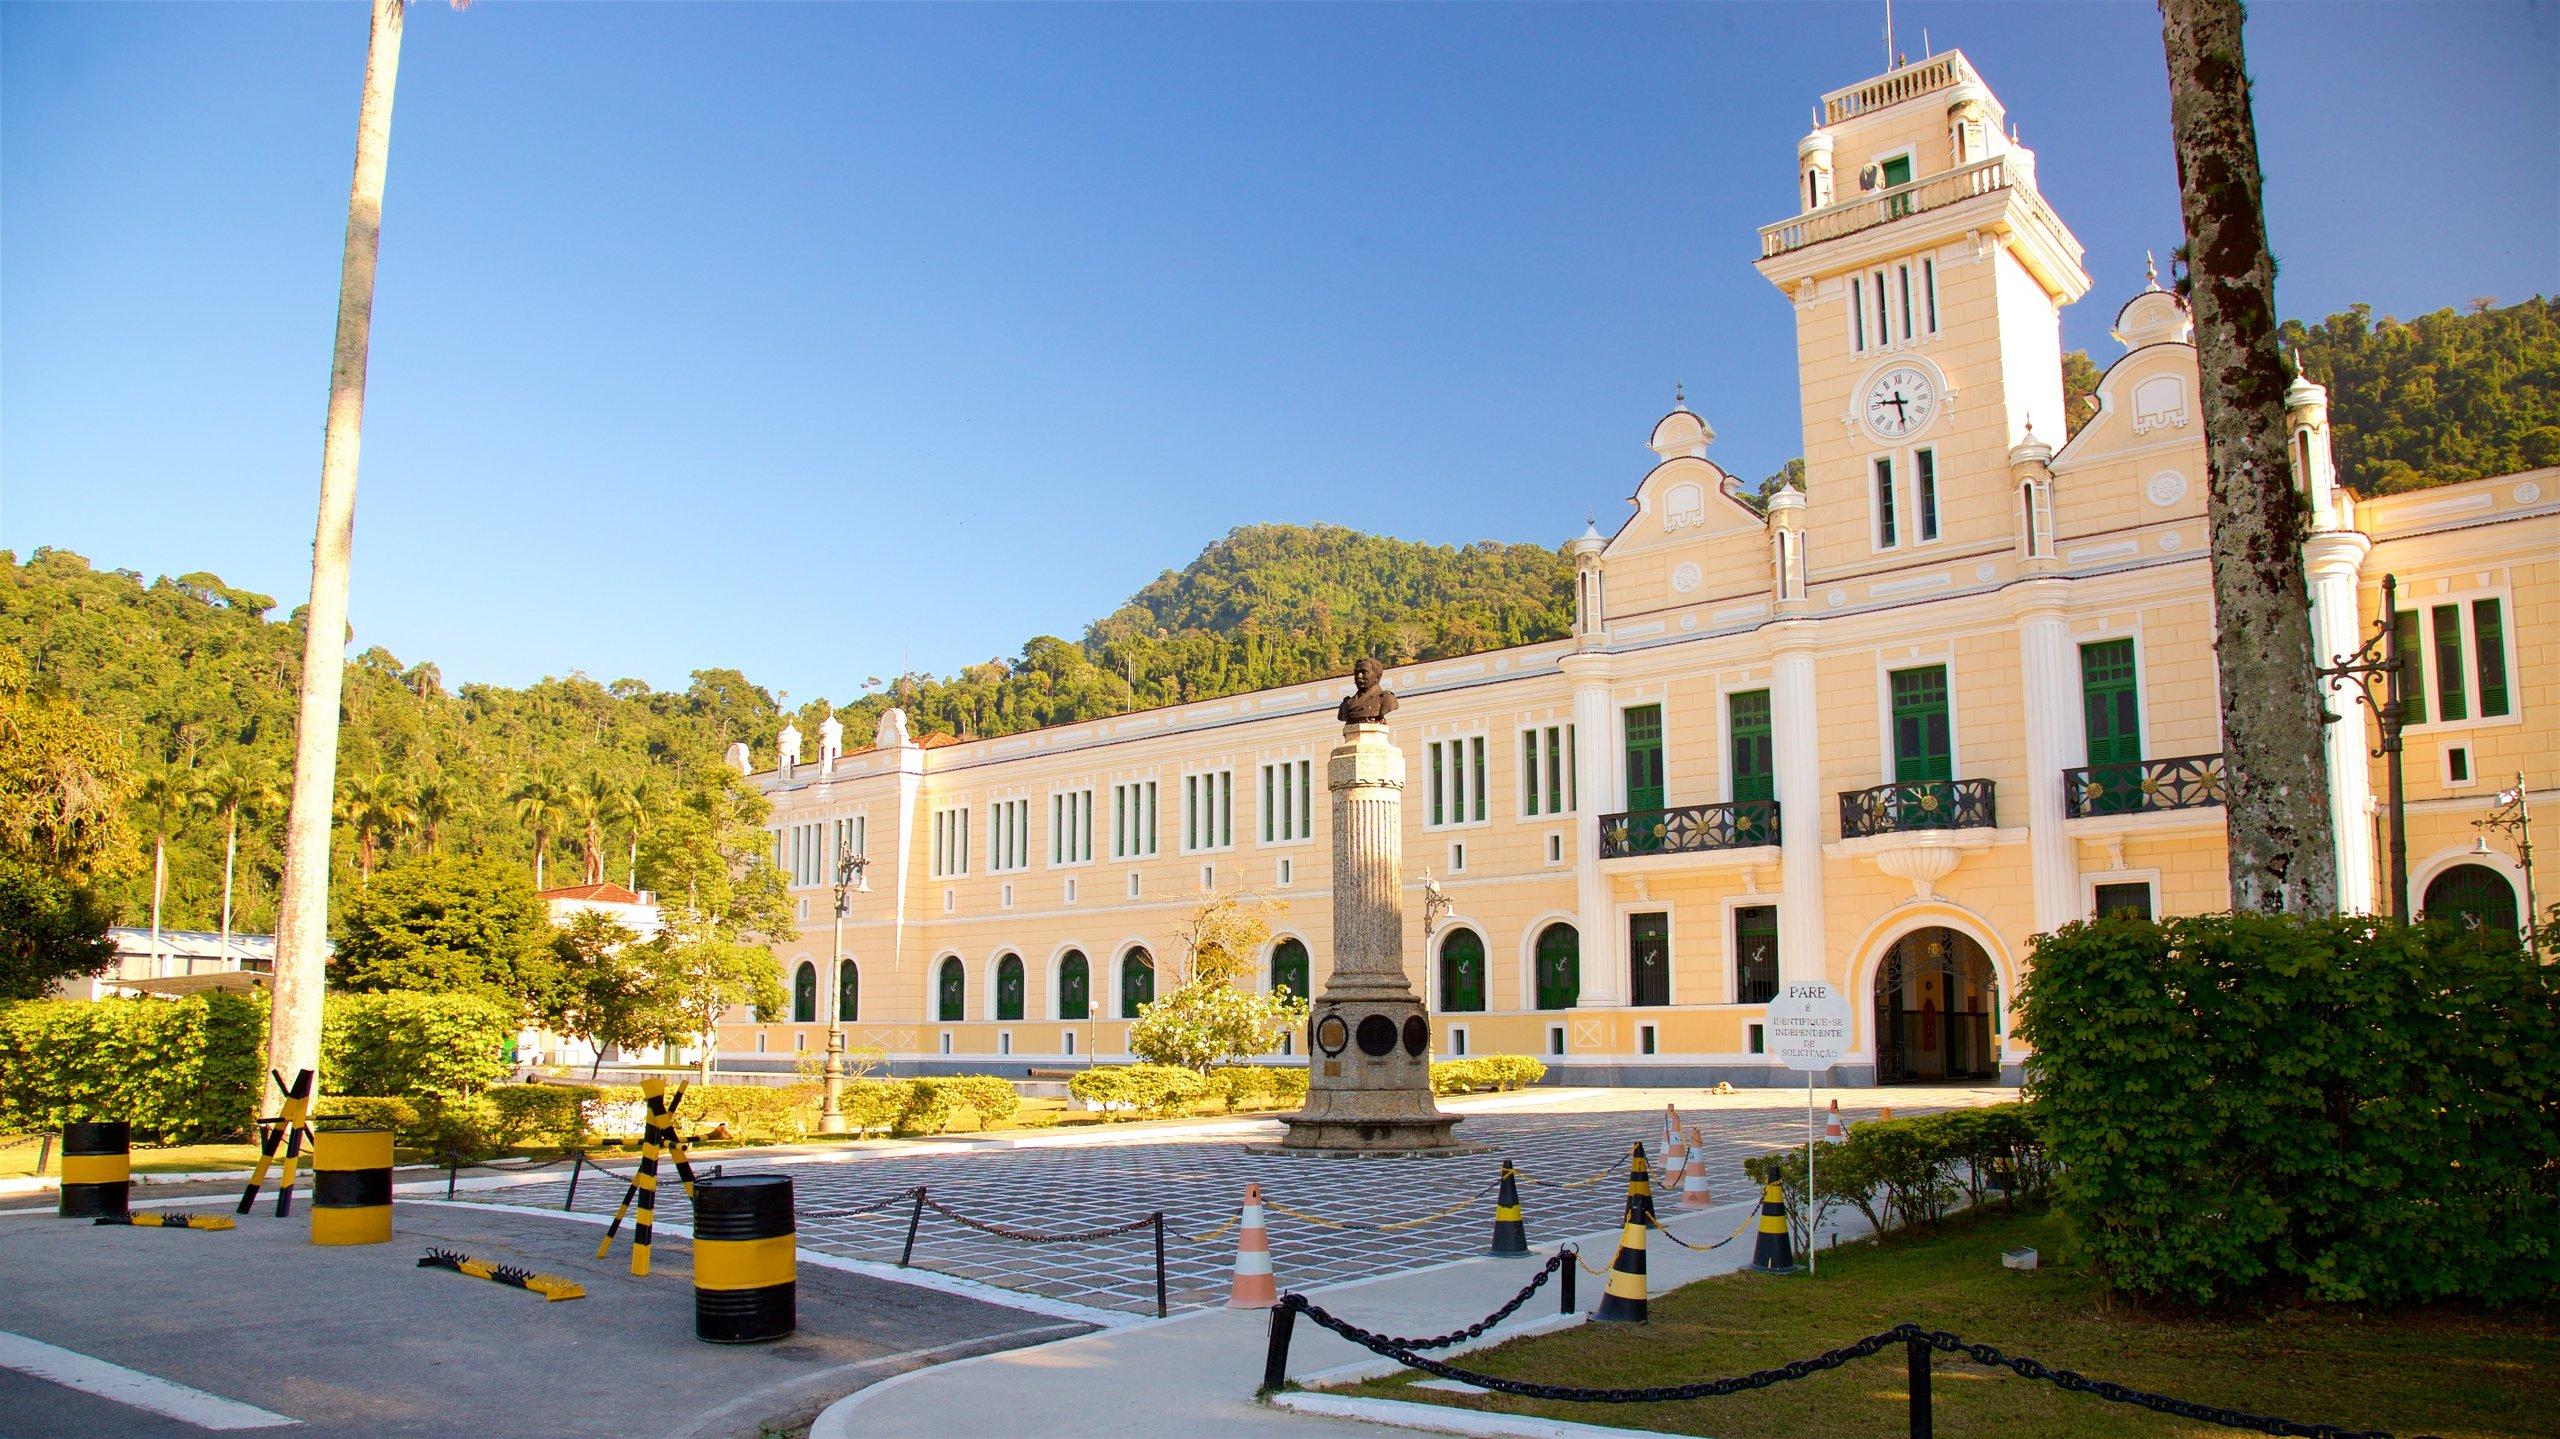 Upptäck campus på Naval College när du reser till Angra dos Reis. Stränderna lockar till härliga promenader i området.